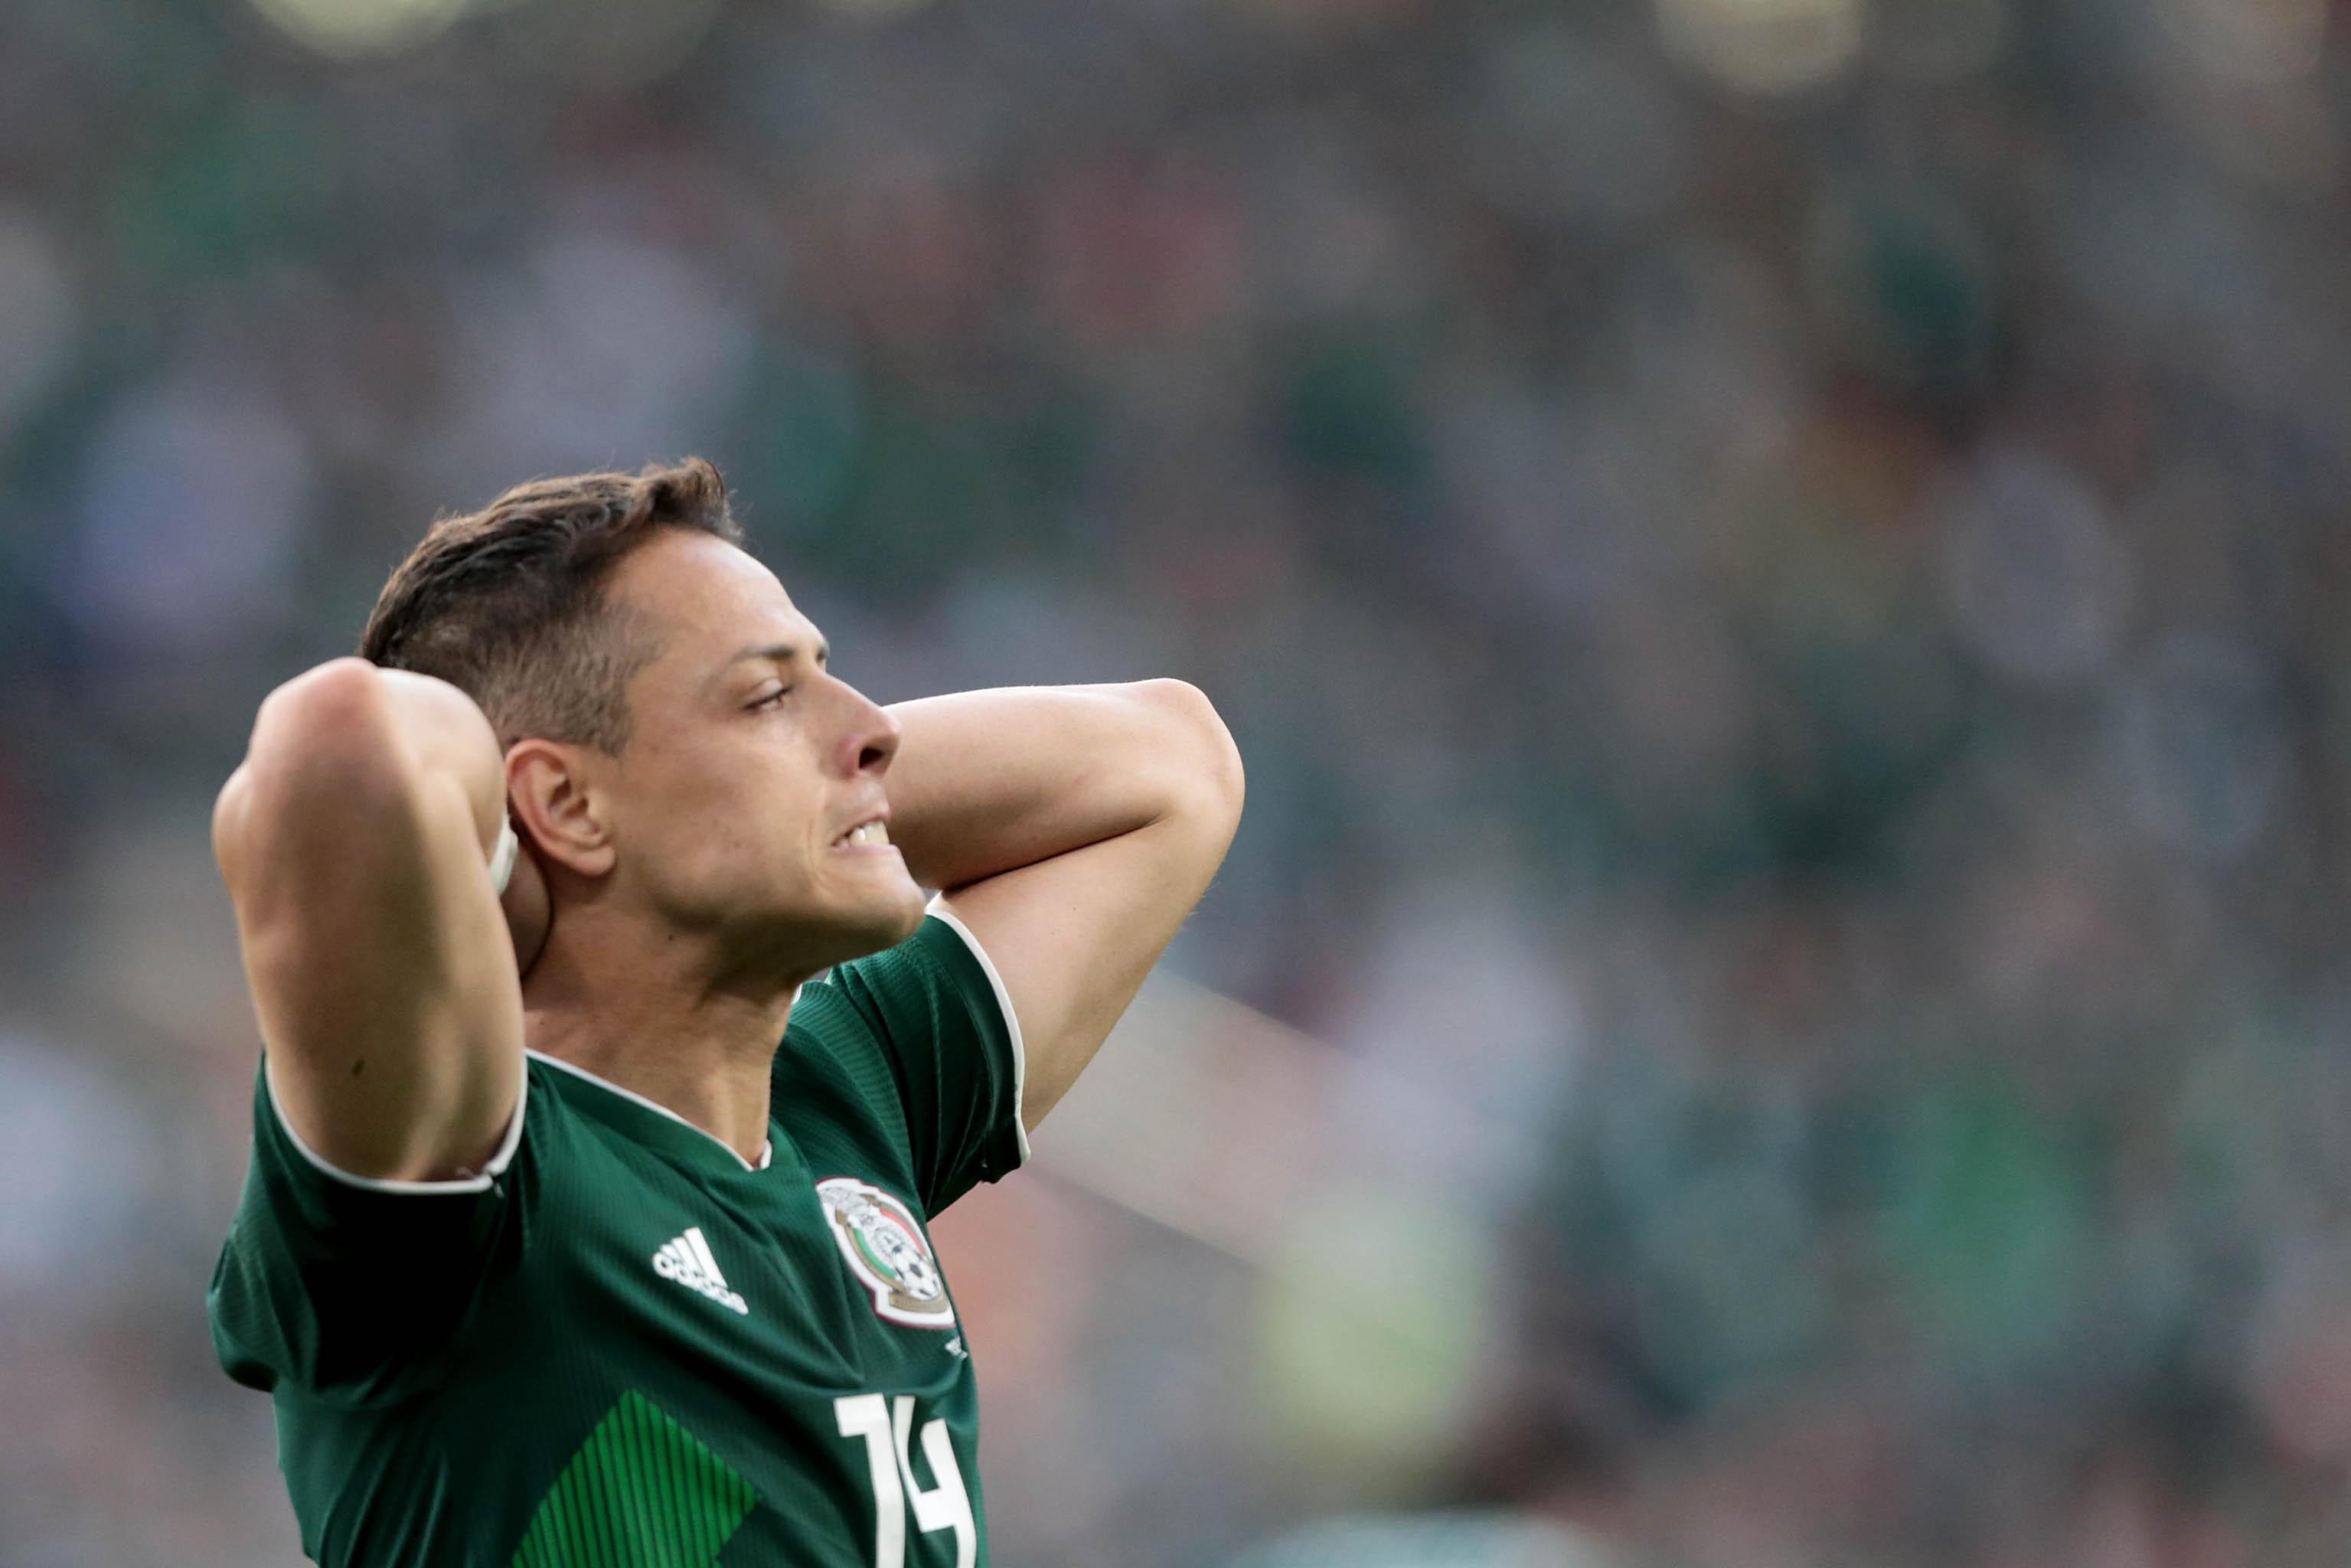 México cae 0-3 ante Suecia en partido de la Copa del Mundo real